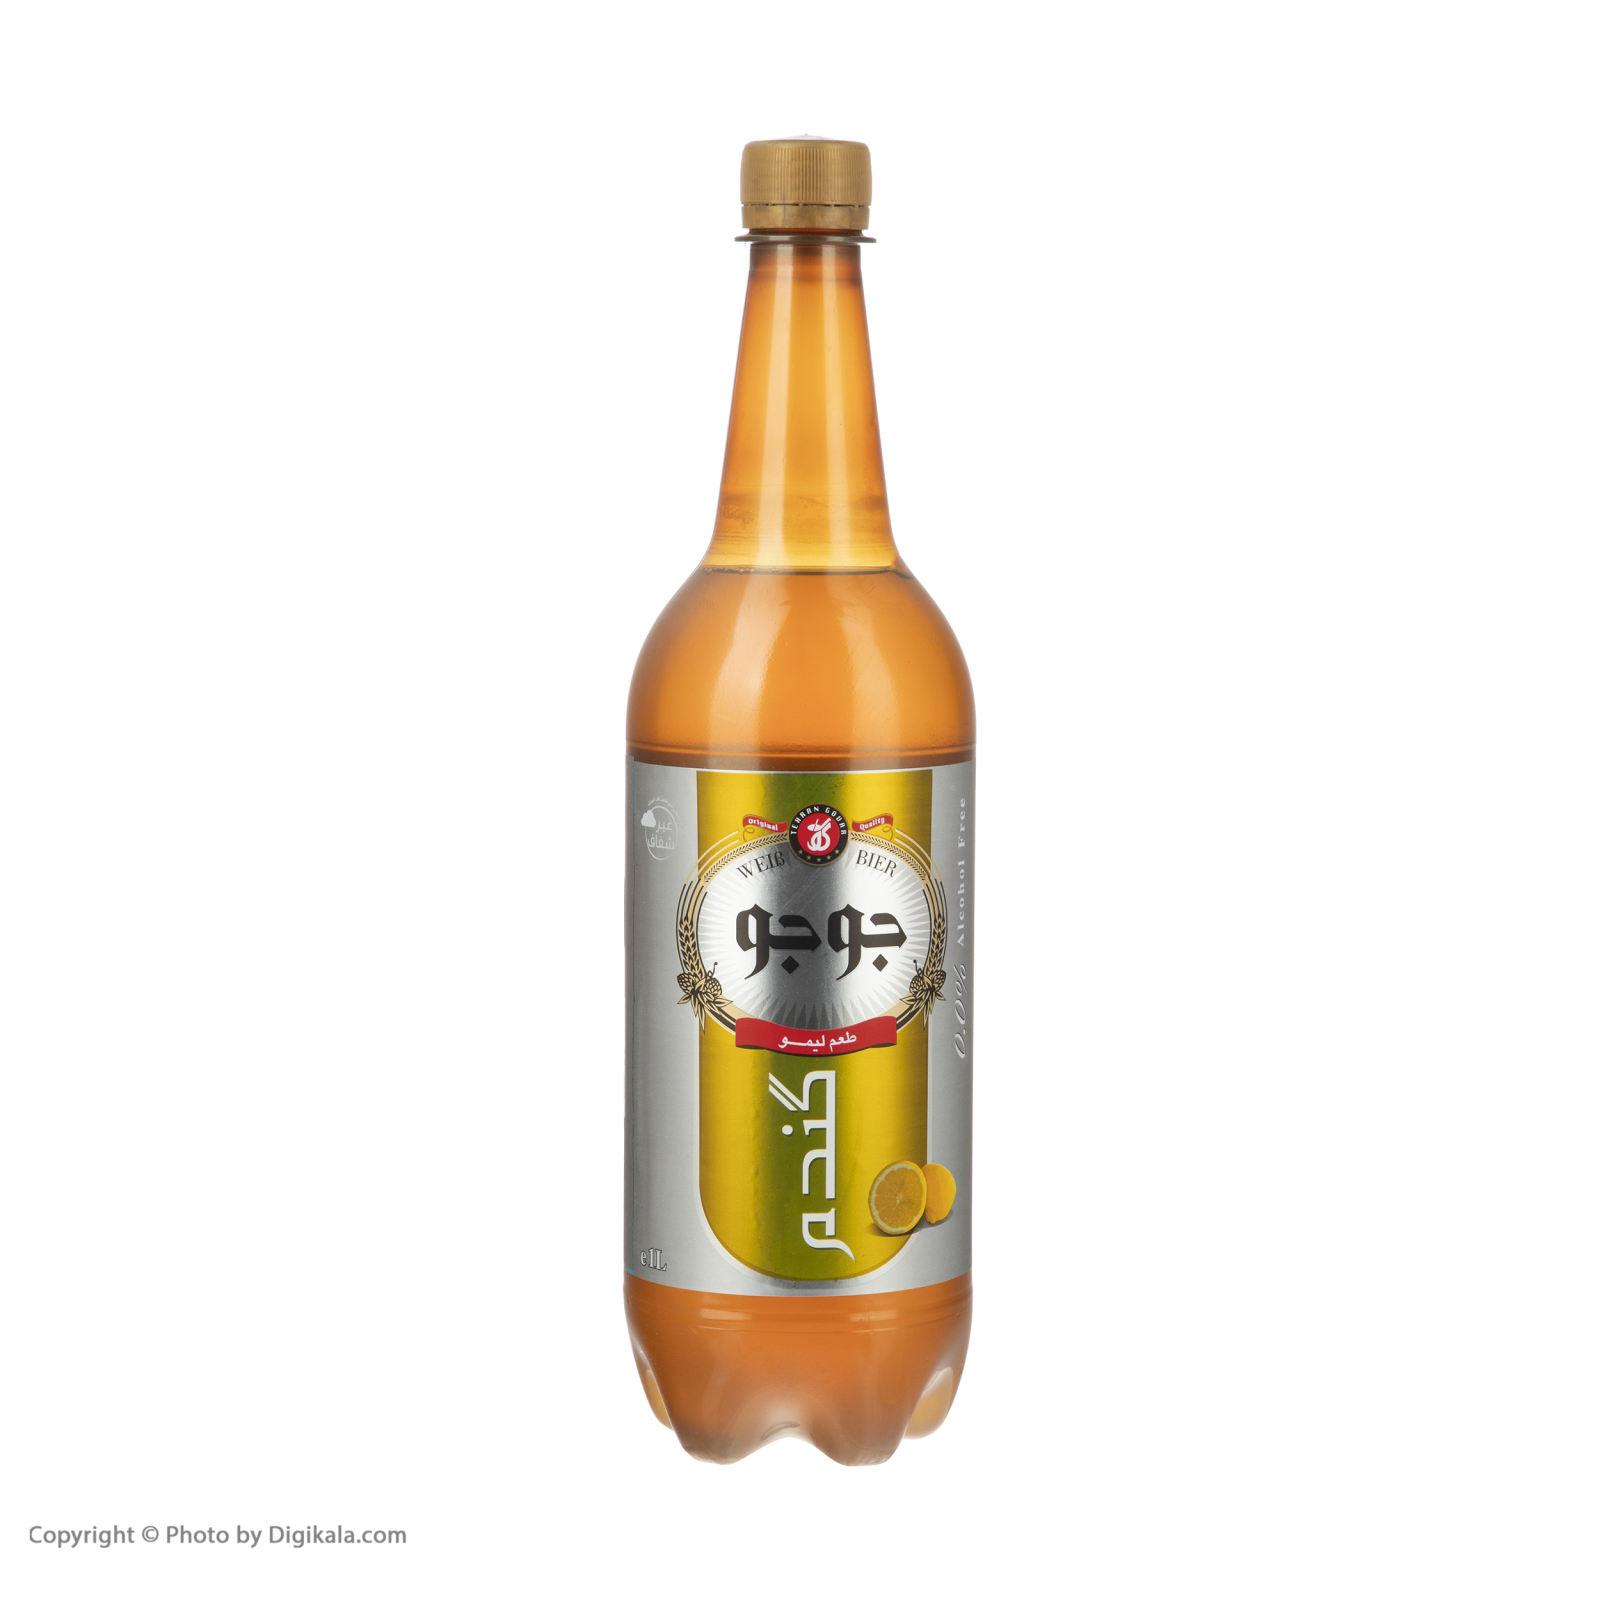 آب گندم جوجو با طعم لیمو - 1 لیتر main 1 1